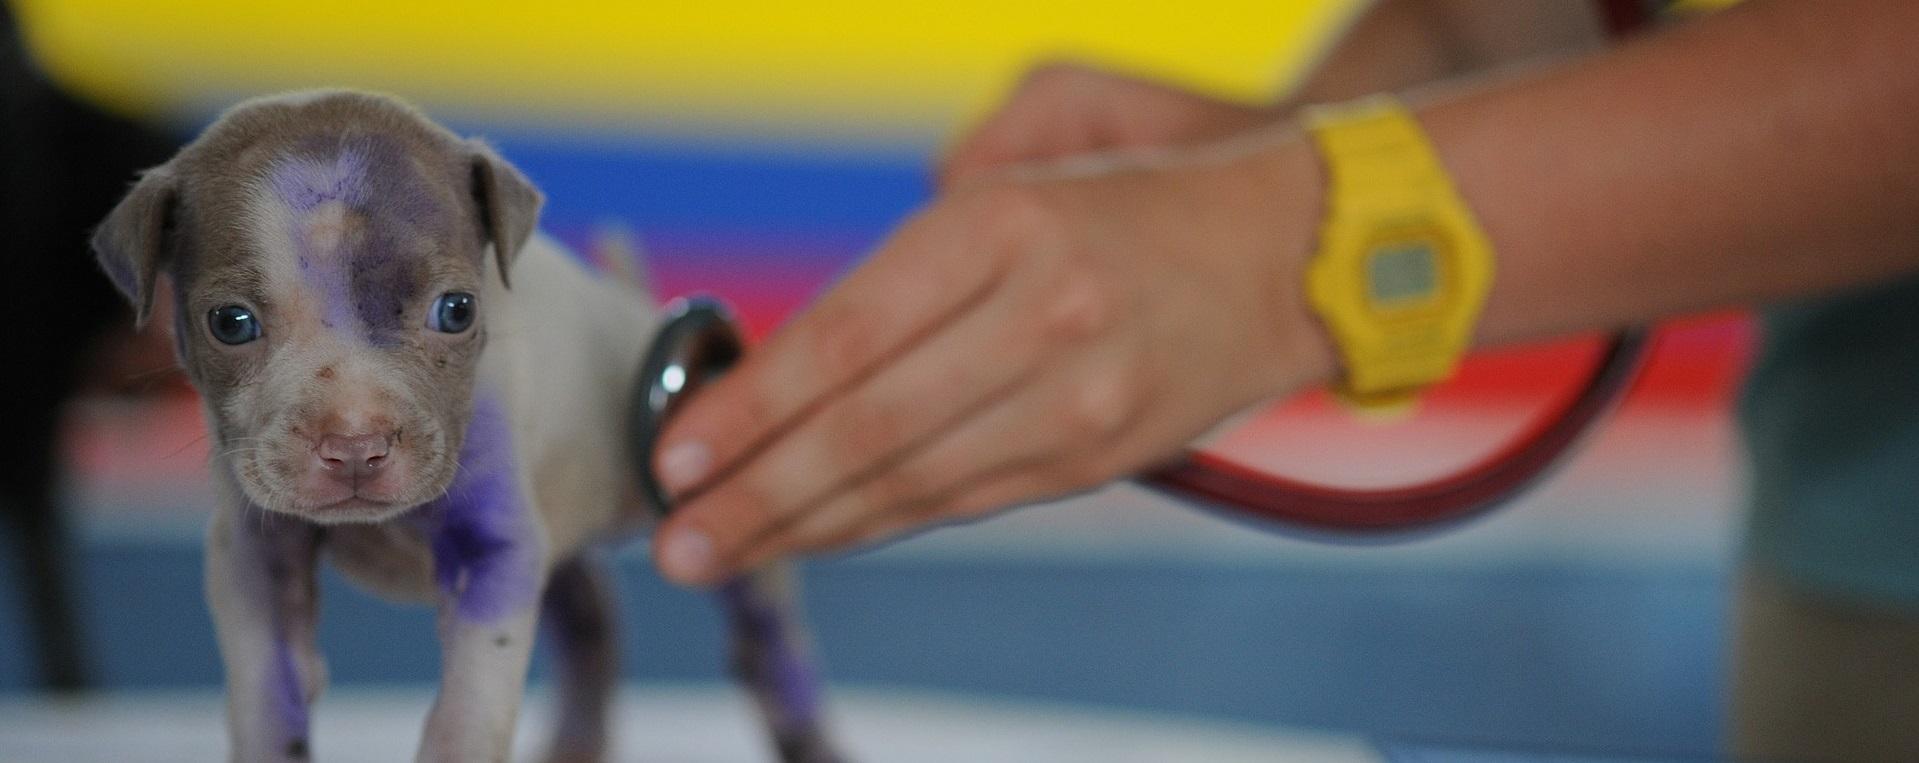 Ein Welpe wird mit einem Stethoskop untersucht